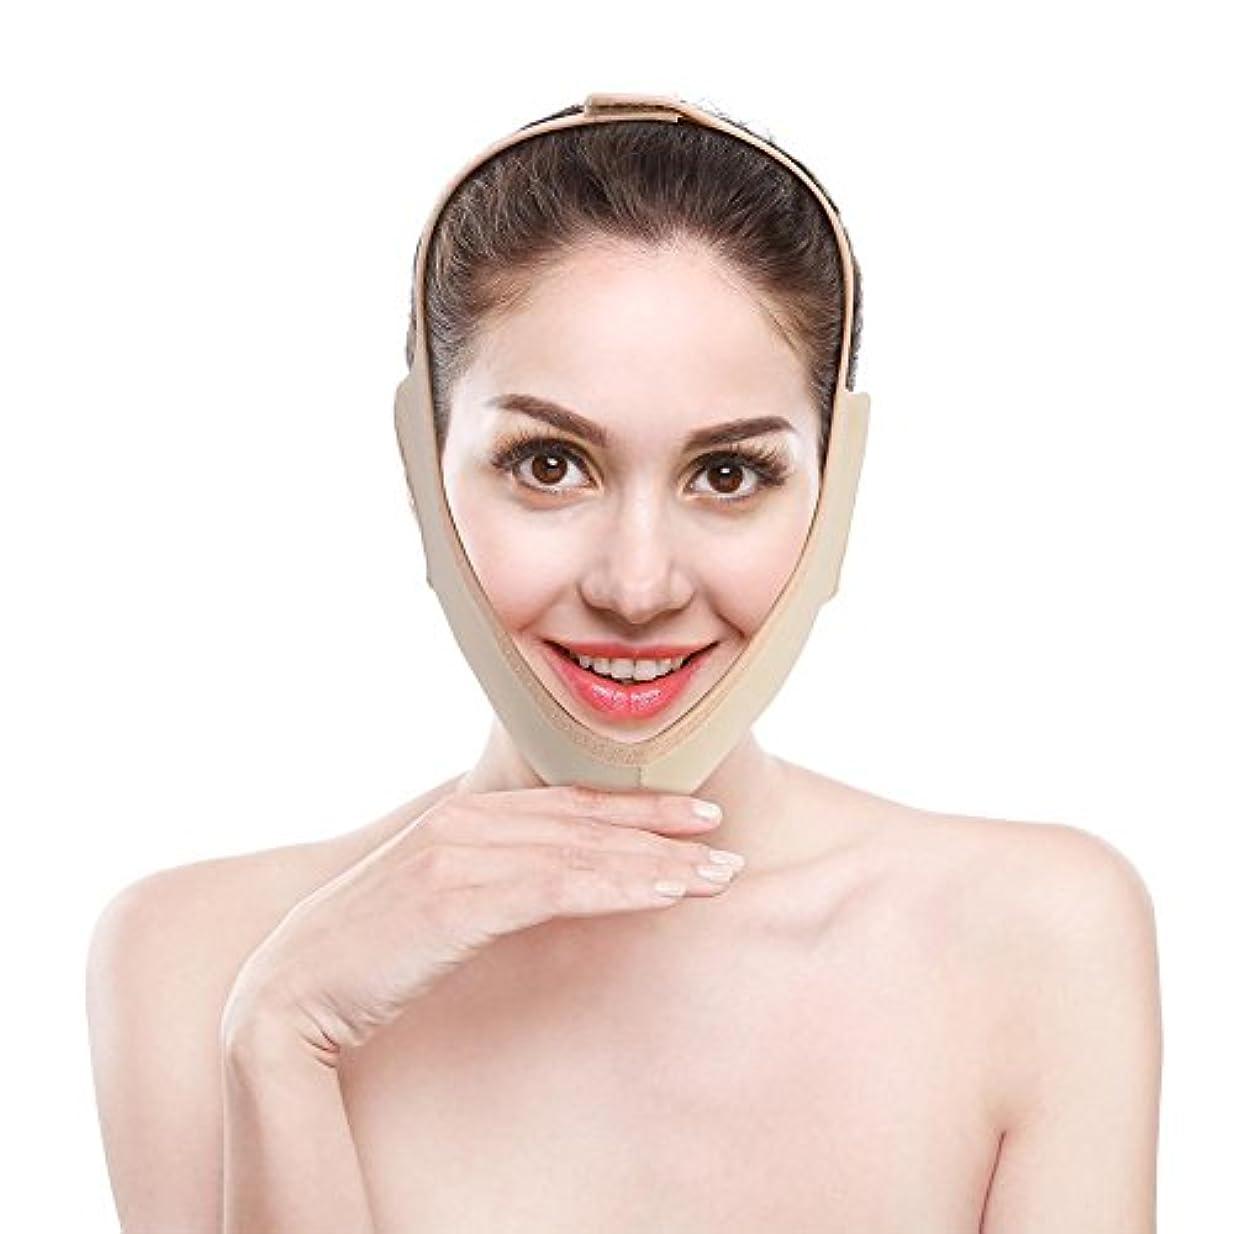 解読する残基提供顔の輪郭を改善するVフェイス包帯、フェイスリフト用フェイスマスク、通気性/伸縮性/非変形性(M)